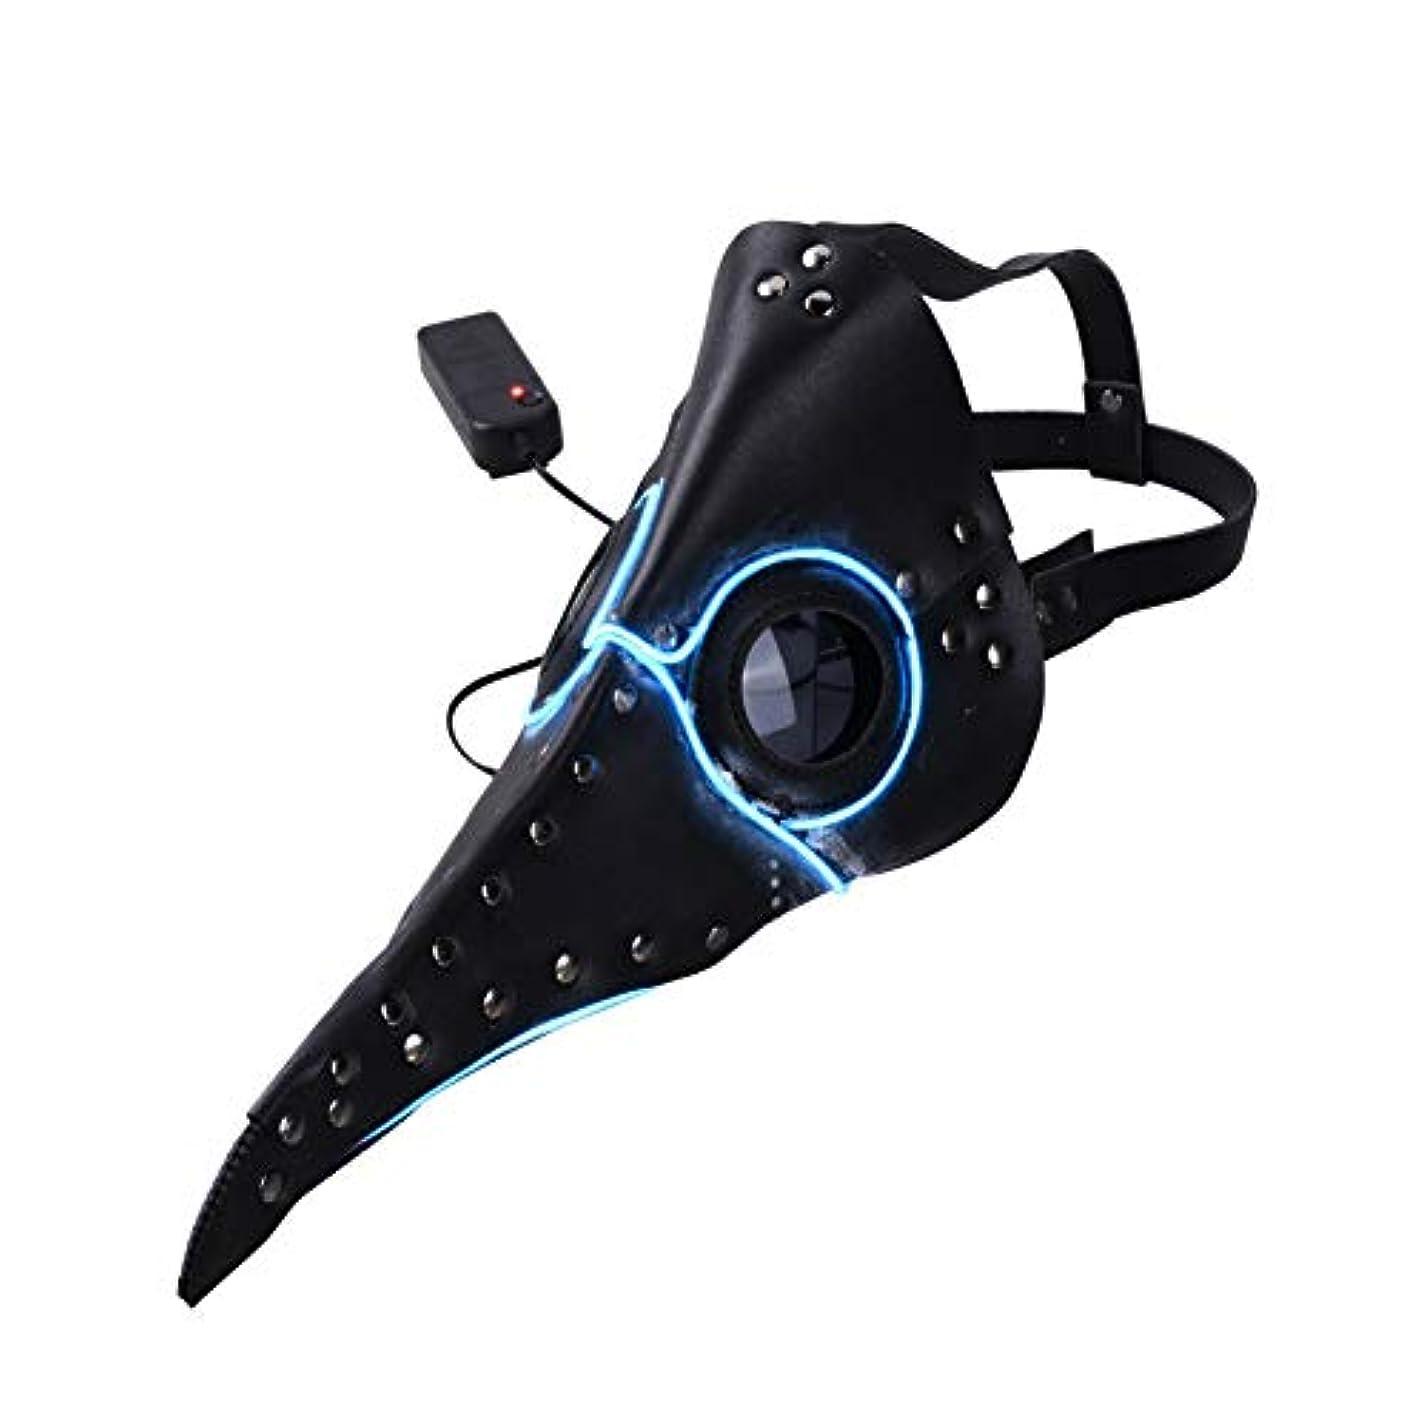 うなずくカウントアップ損なうEsolom LEDが点灯 ペストドクターマスク ロングノーズマスク くちばし ハロウィンデコレーション ゴシックロールプレイング カーニバル衣装小道具